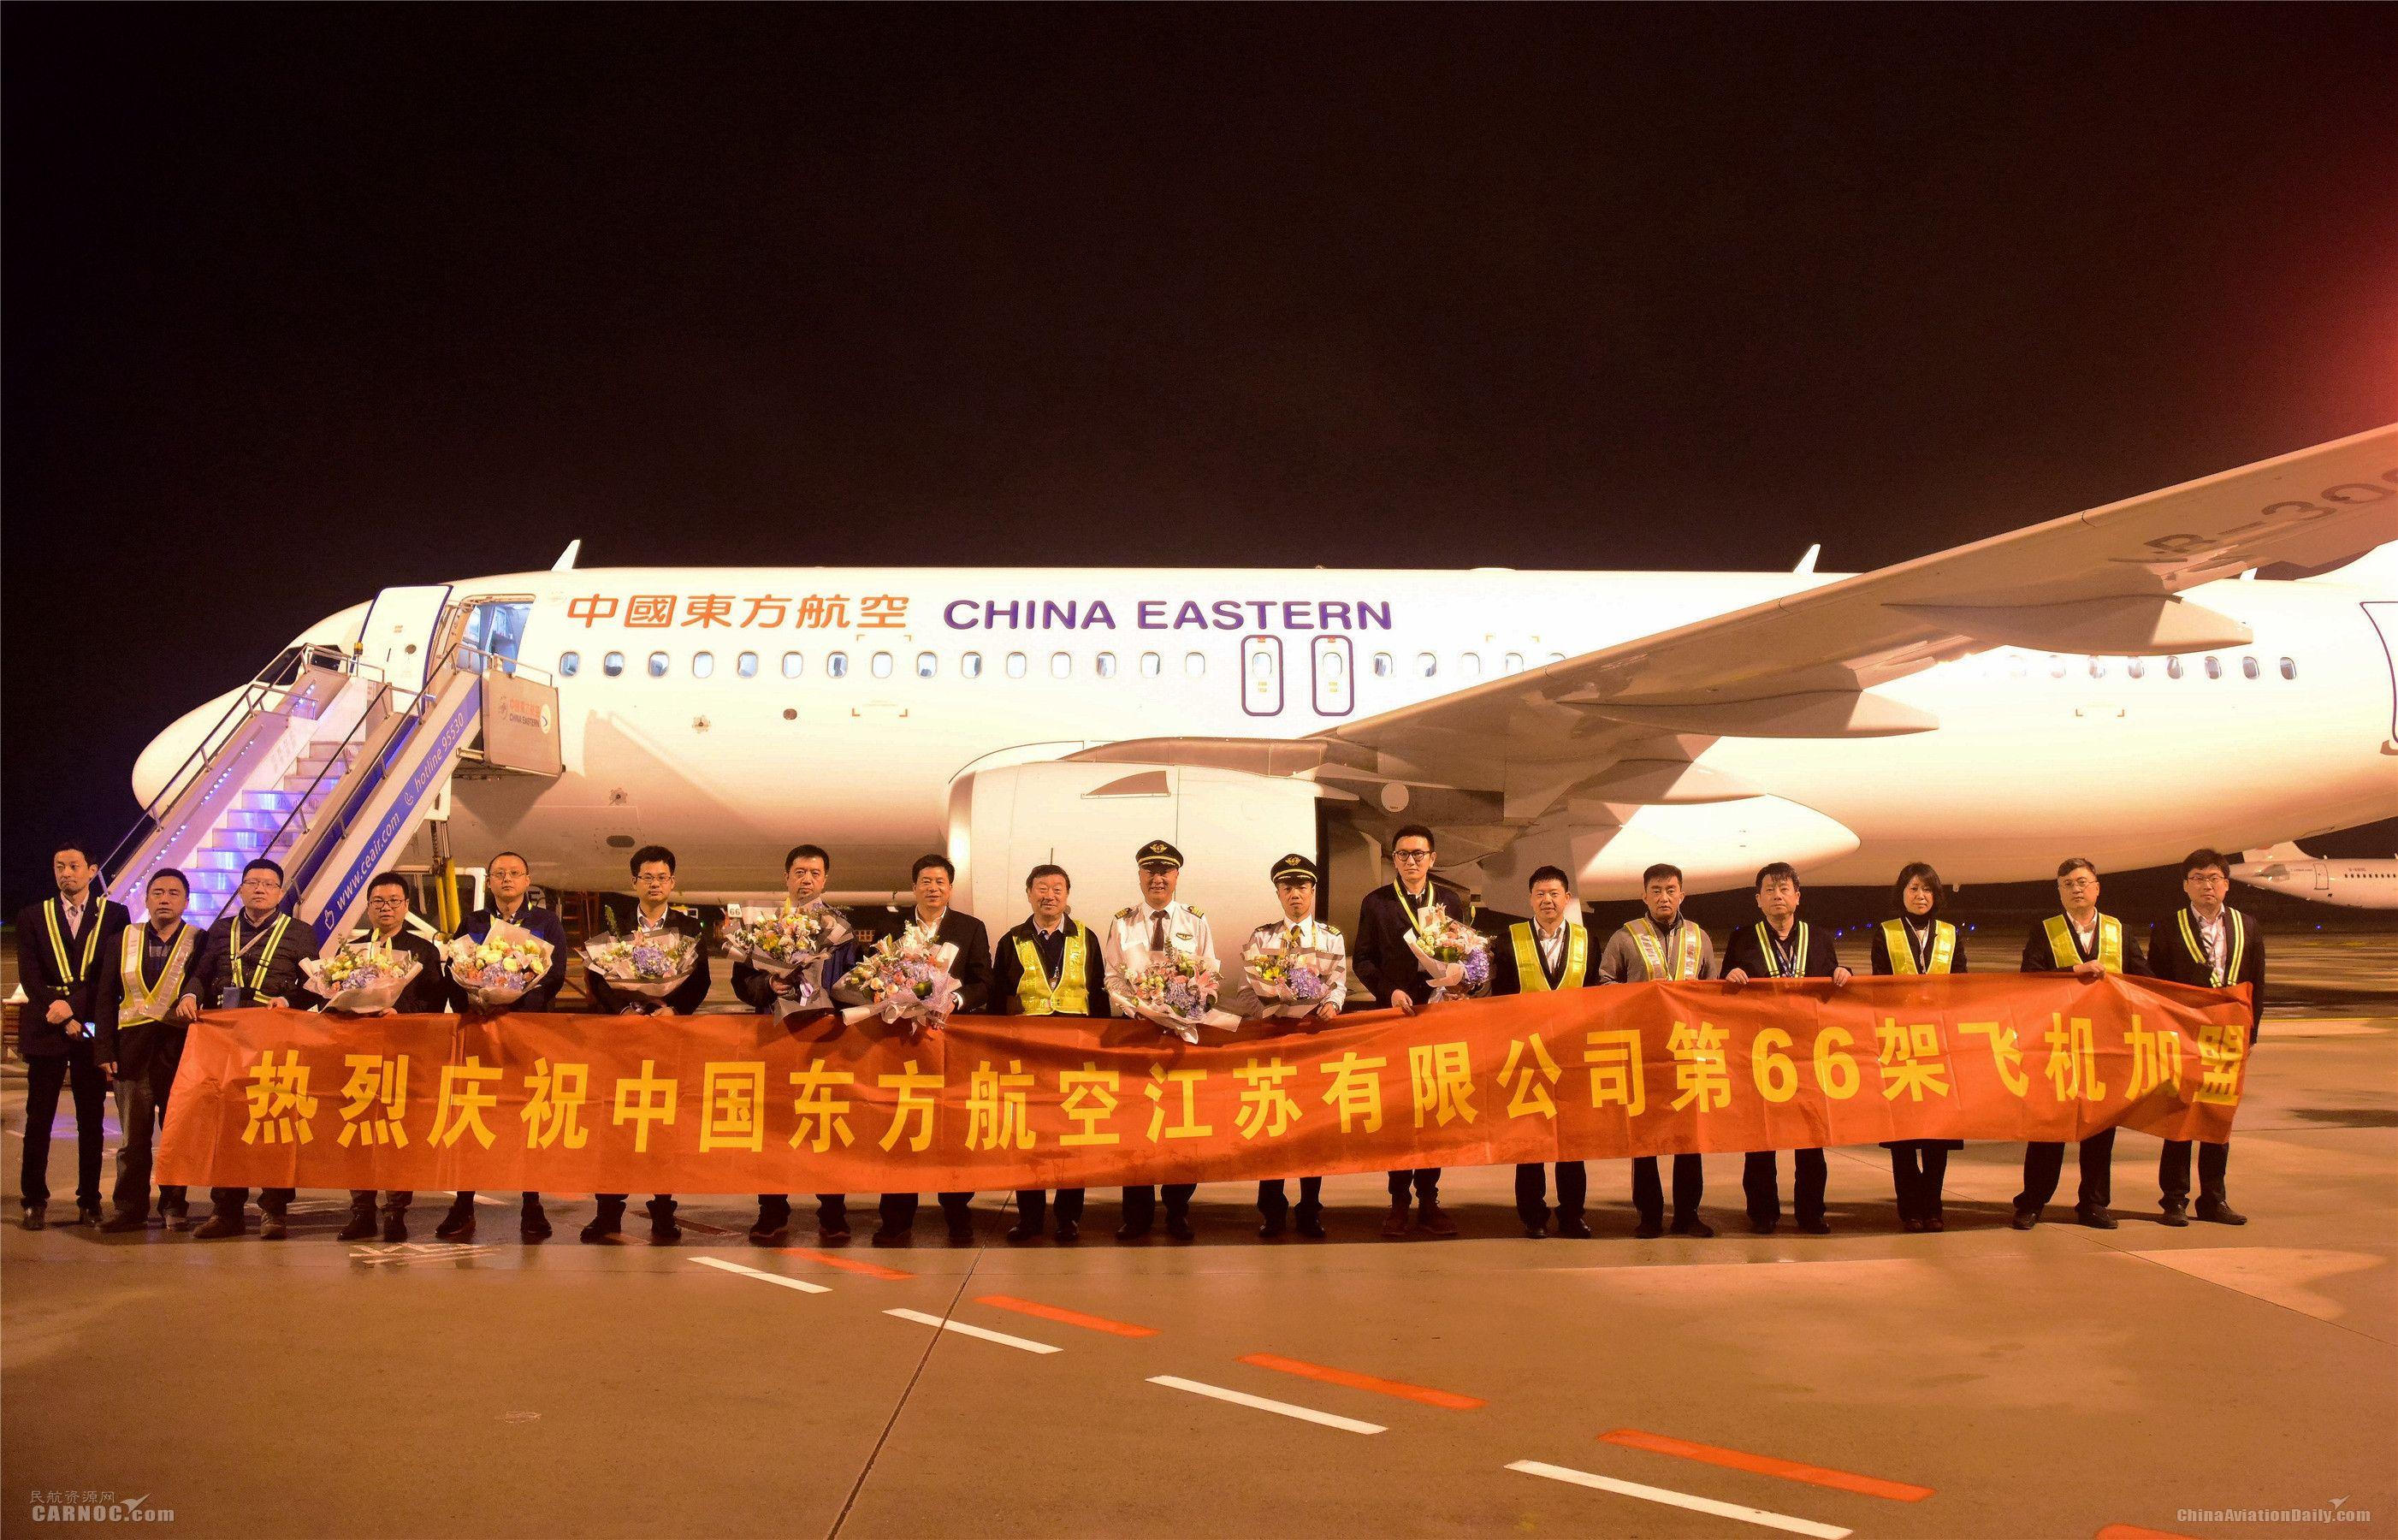 东航江苏公司迎第66架飞机